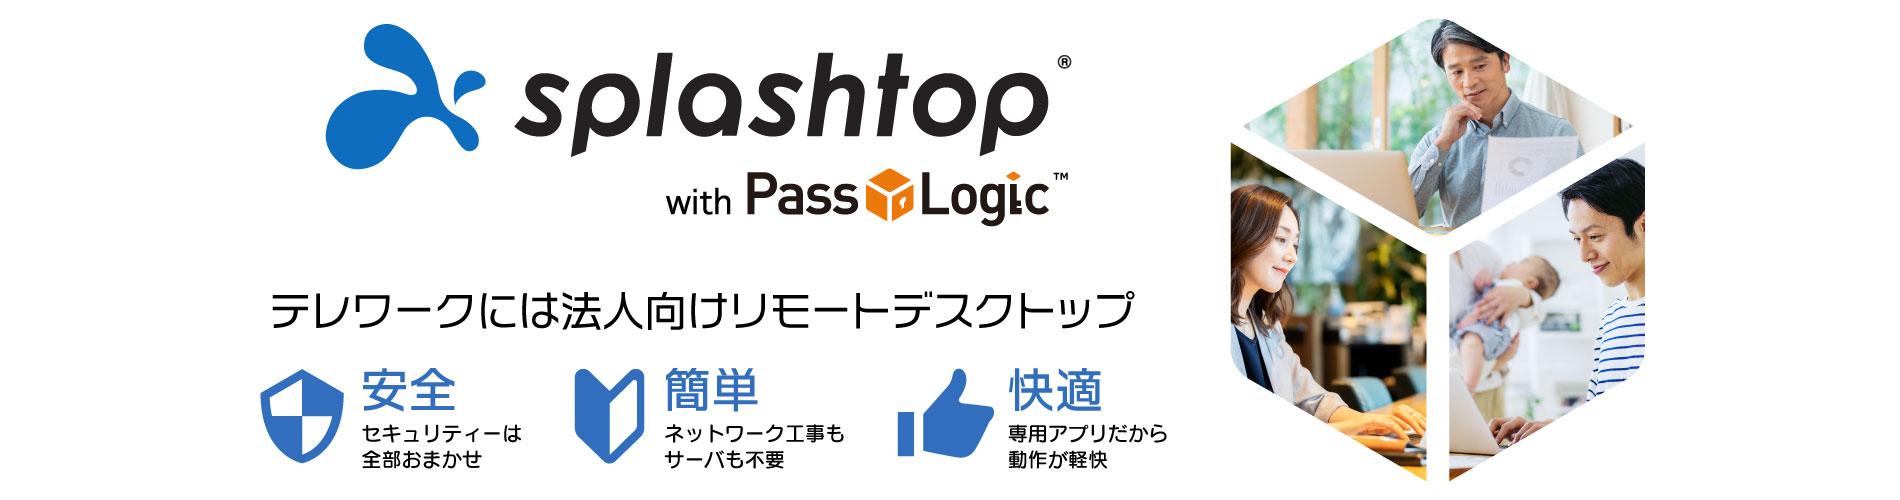 法人向けリモートデスクトップサービス「Splashtop with PassLogic」